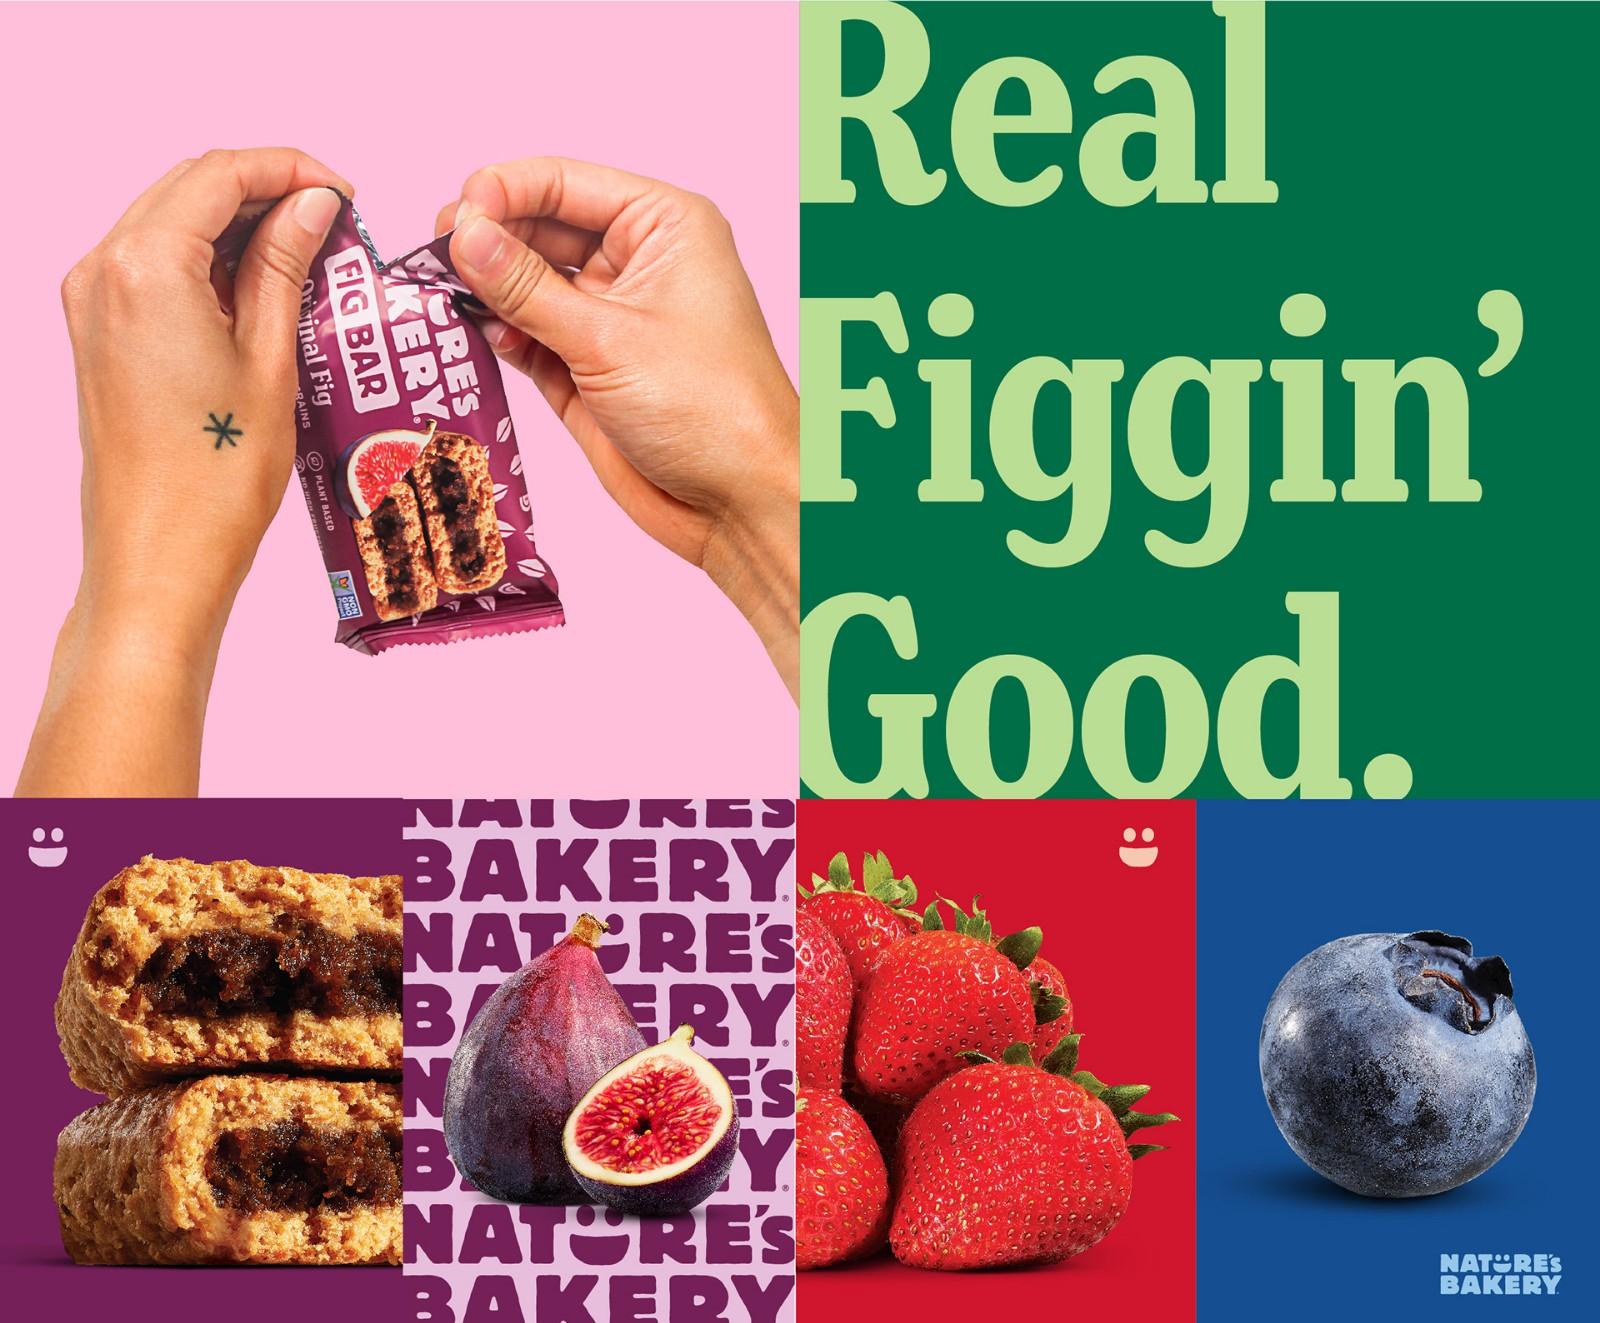 藝點餅干包裝設計案例分享